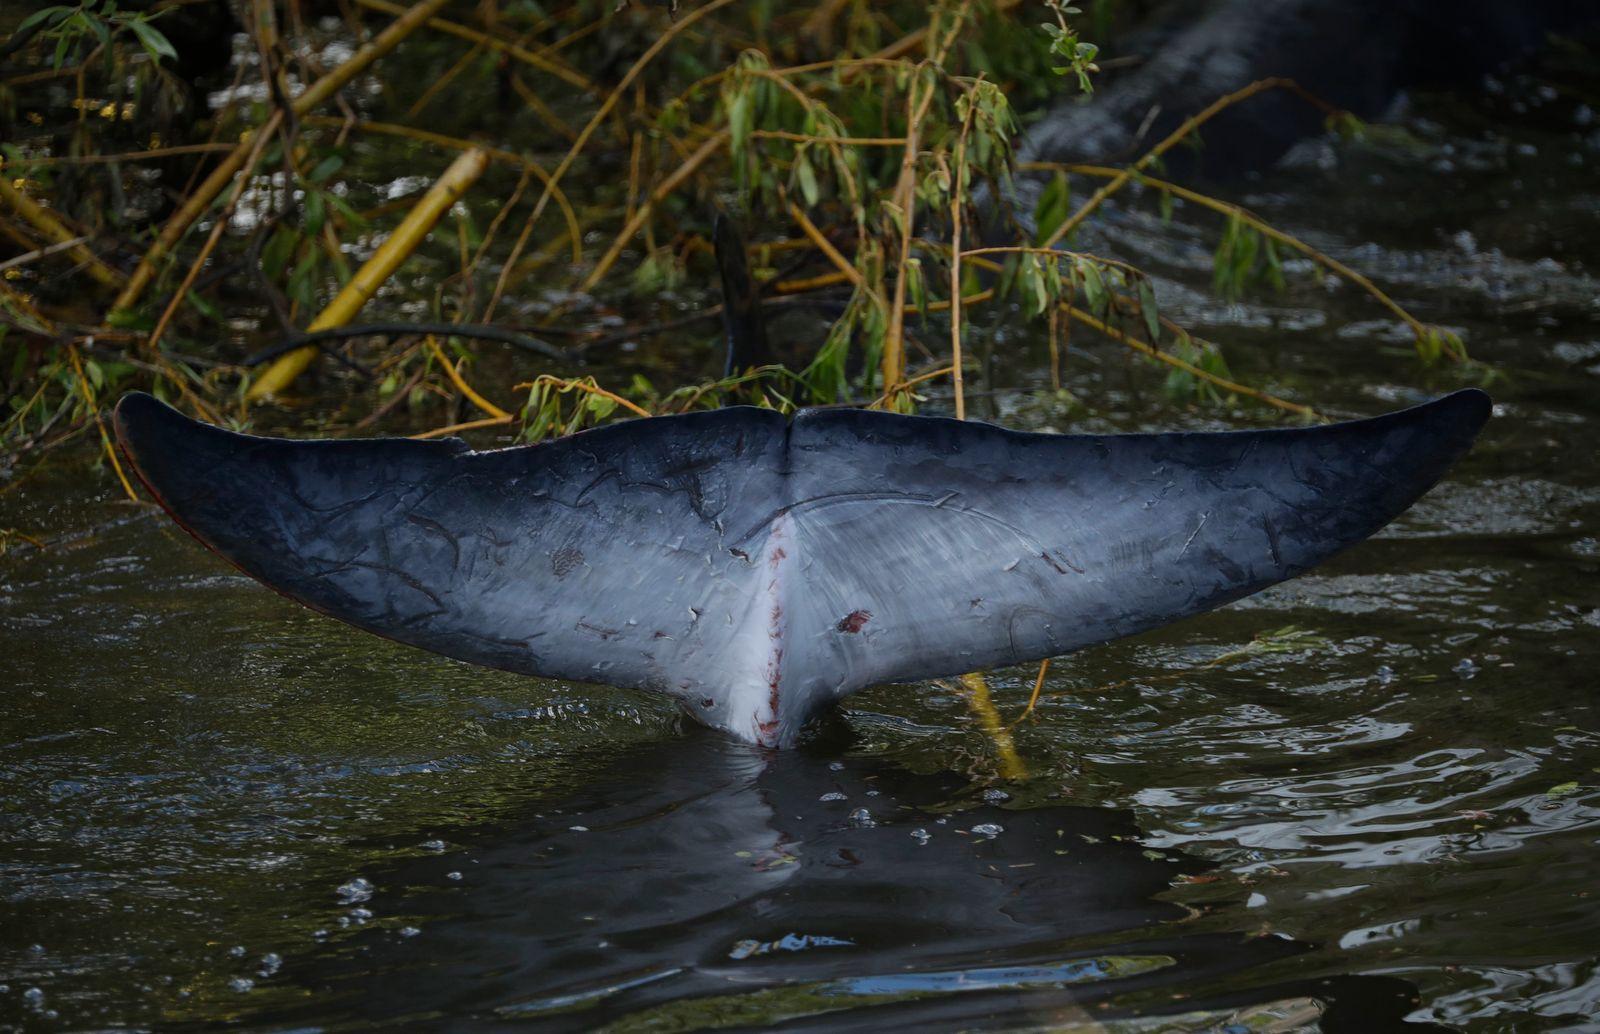 Vier Meter langer Wal aus Themse-Schleuse befreit